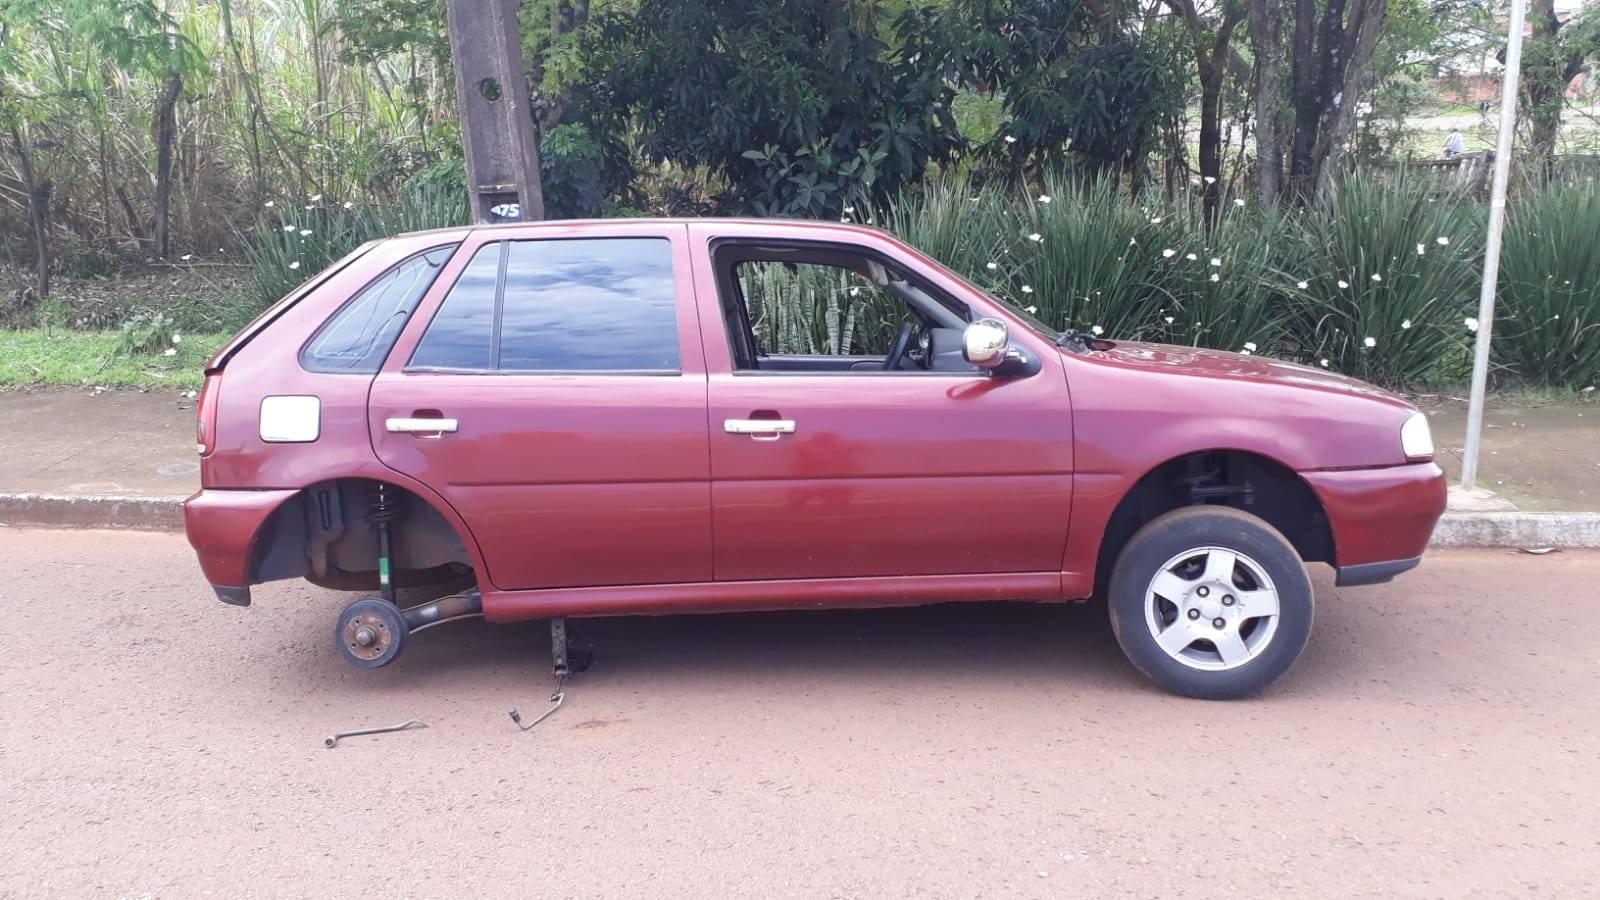 Veículo Gol com alerta de furto é recuperado pela PM no Bairro Santa Cruz